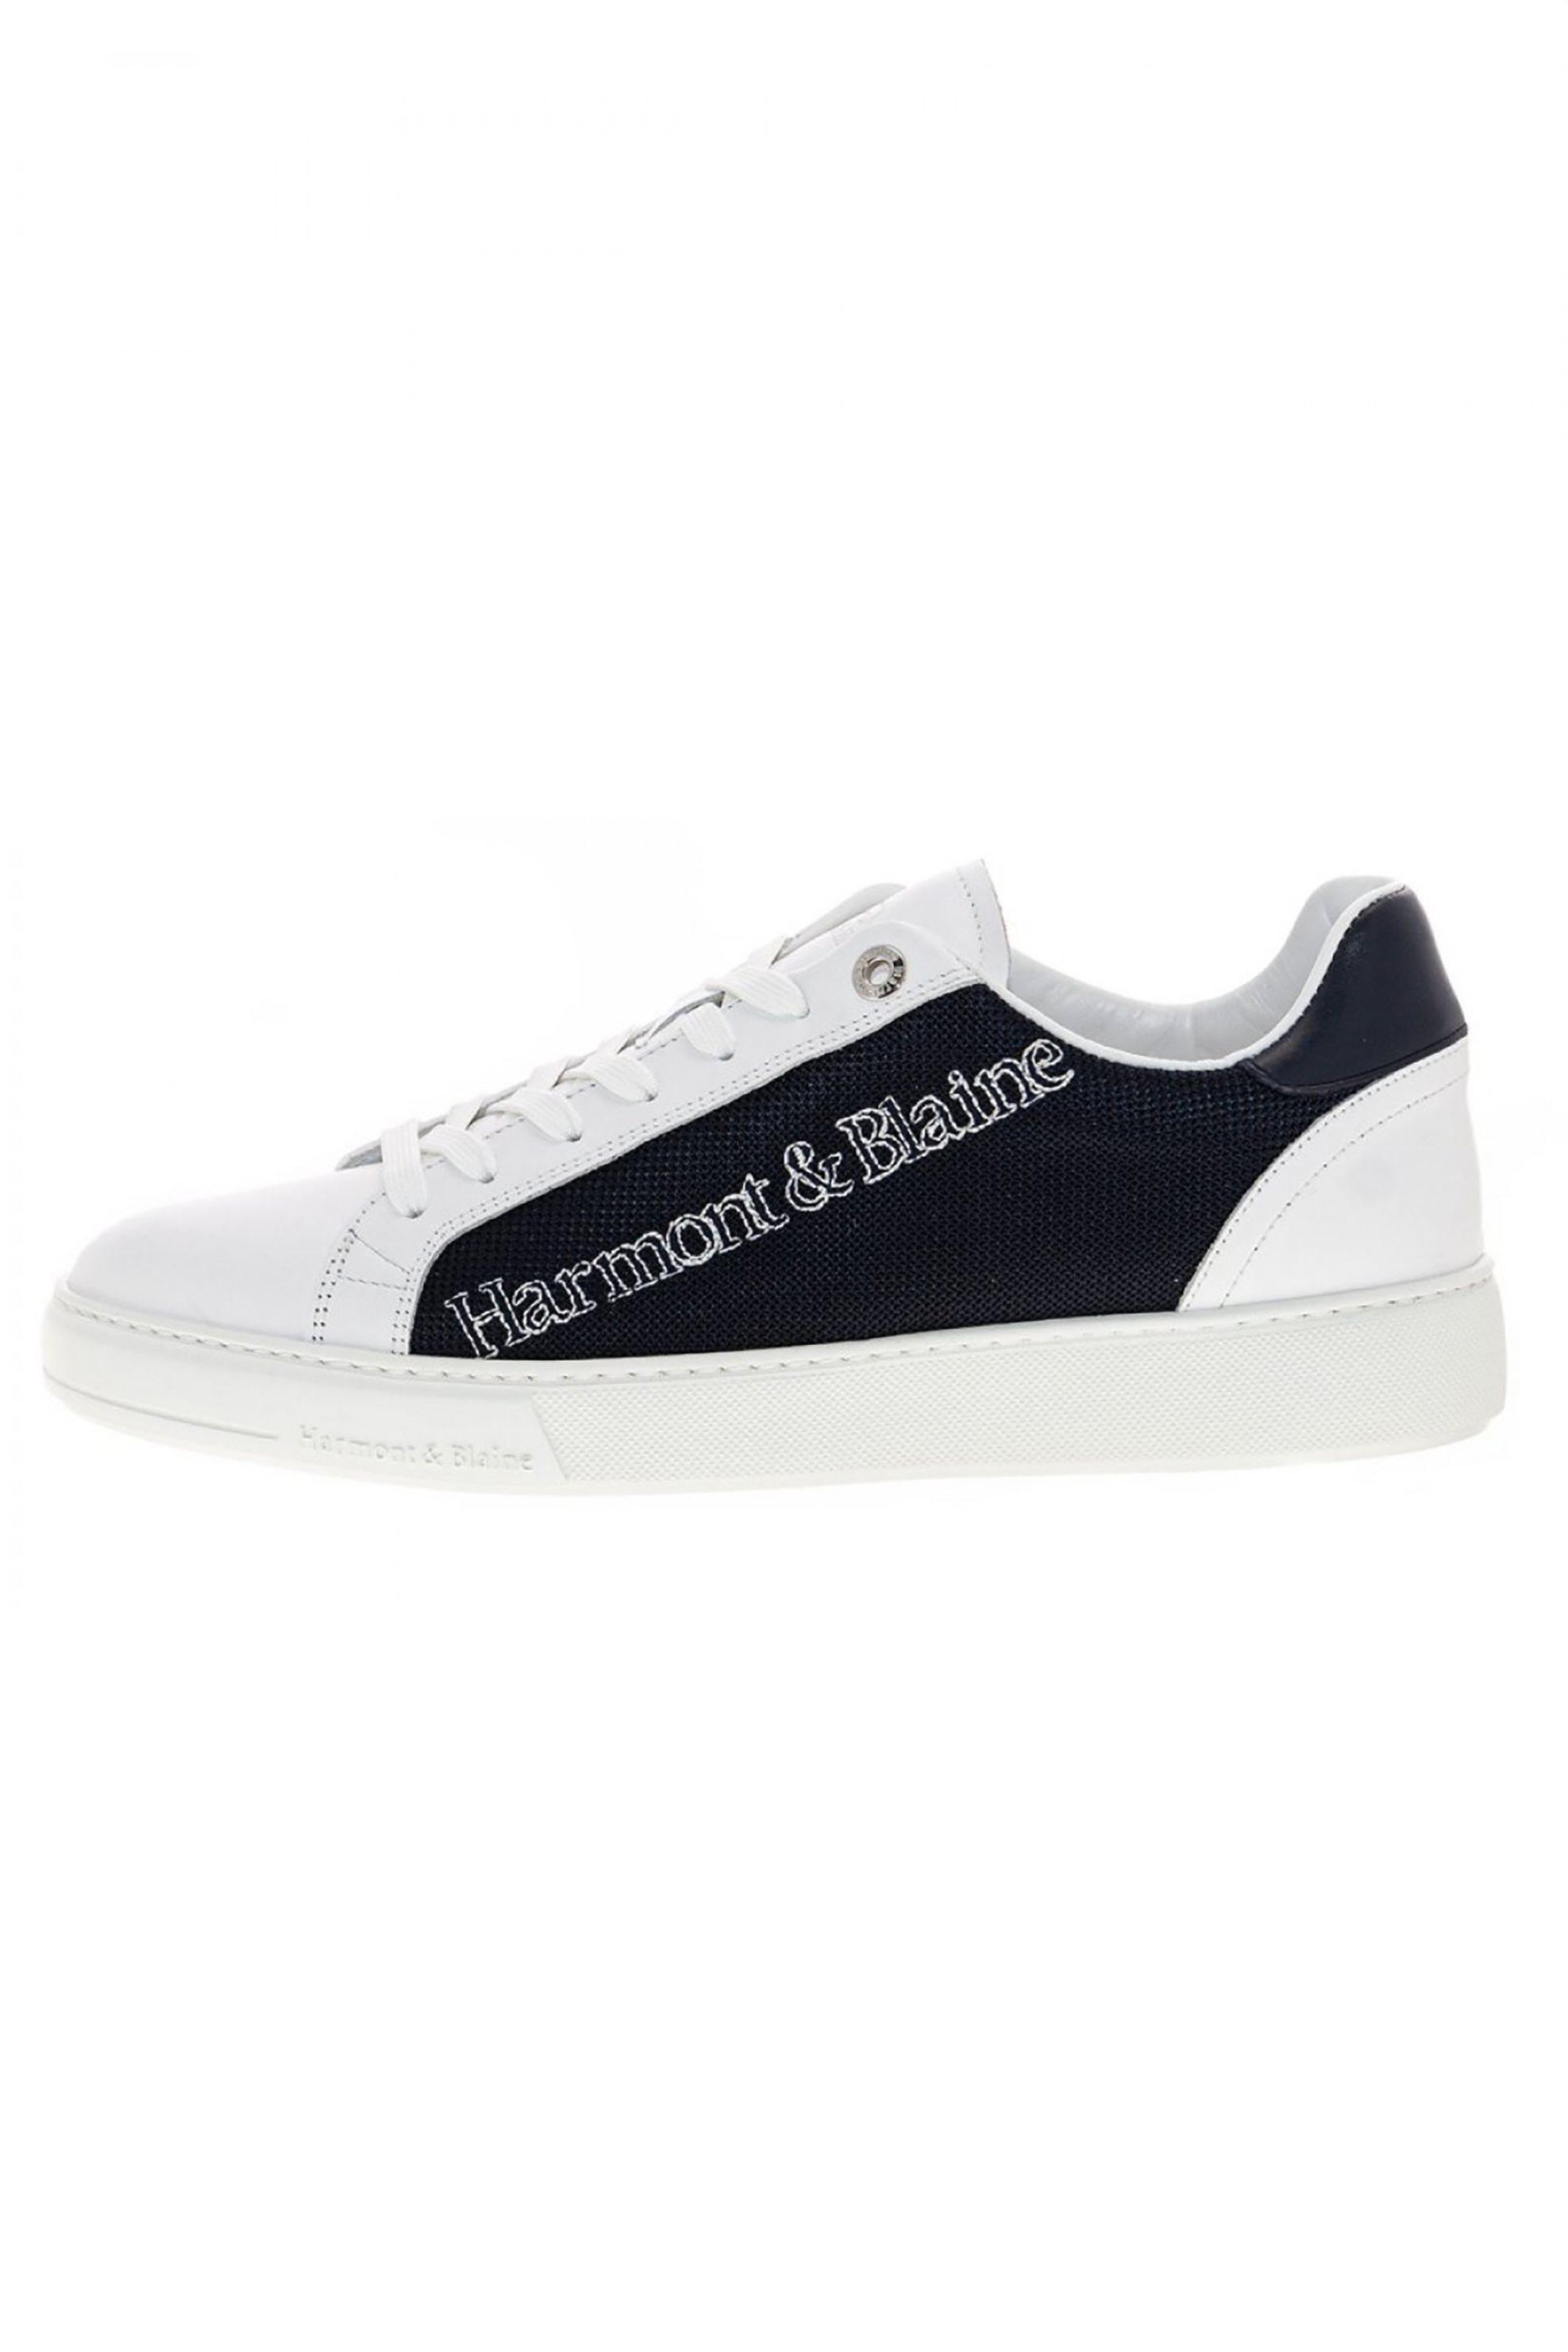 Harmont & Blaine ανδρικά sneakers colourblocked – EFM201034-6210 – Λευκό